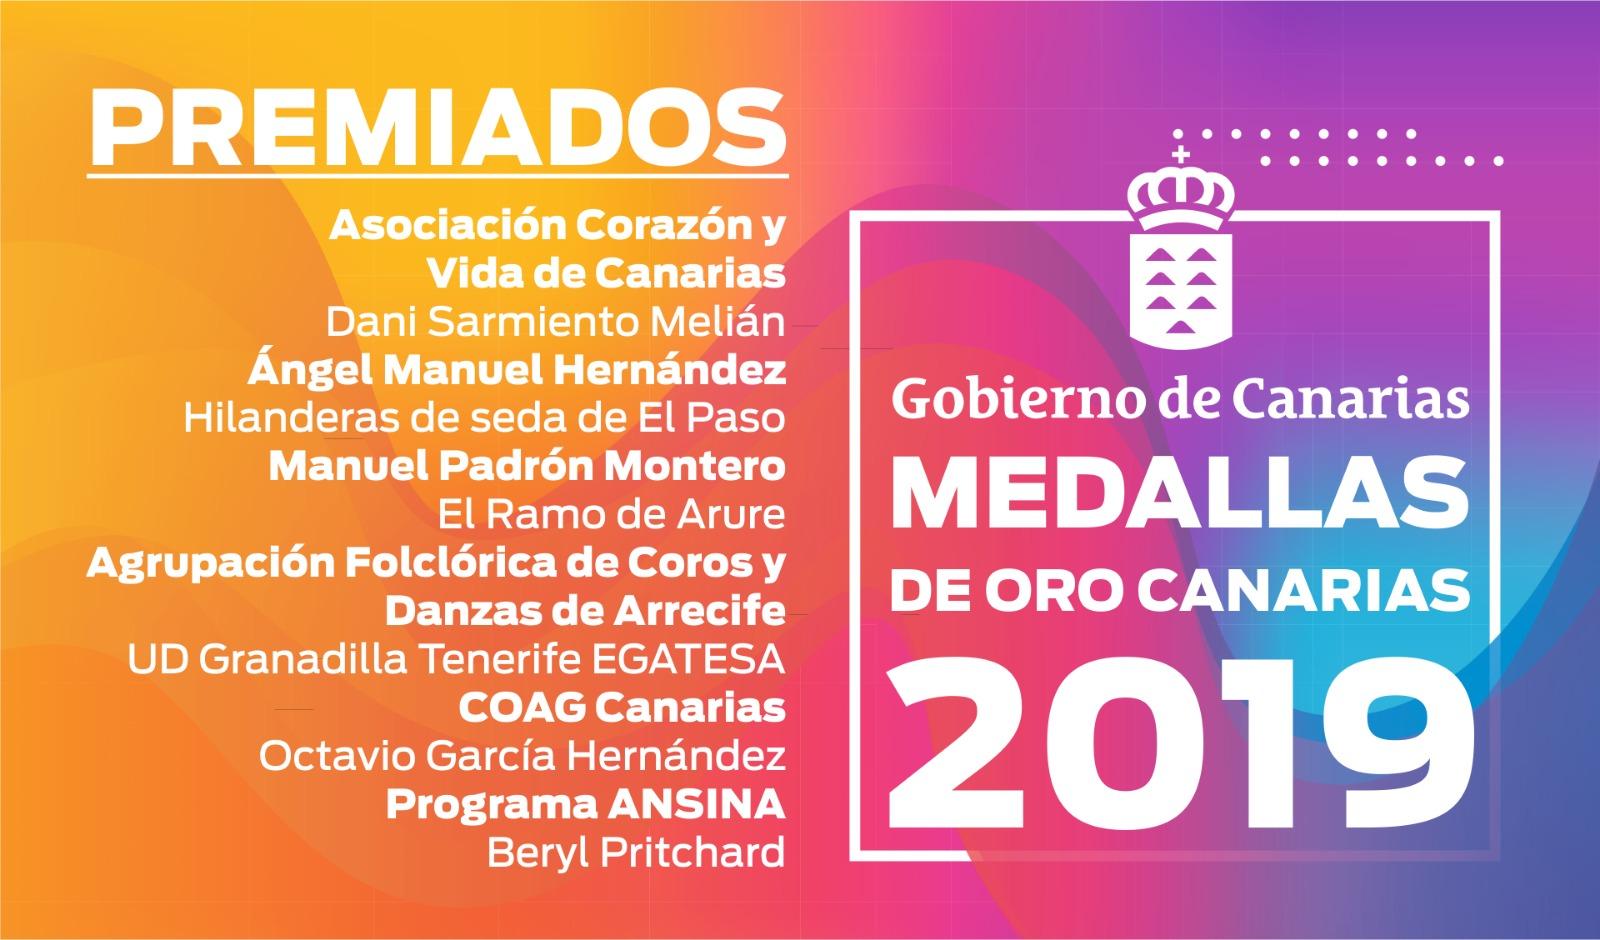 Medallas de Oro de Canarias 2019